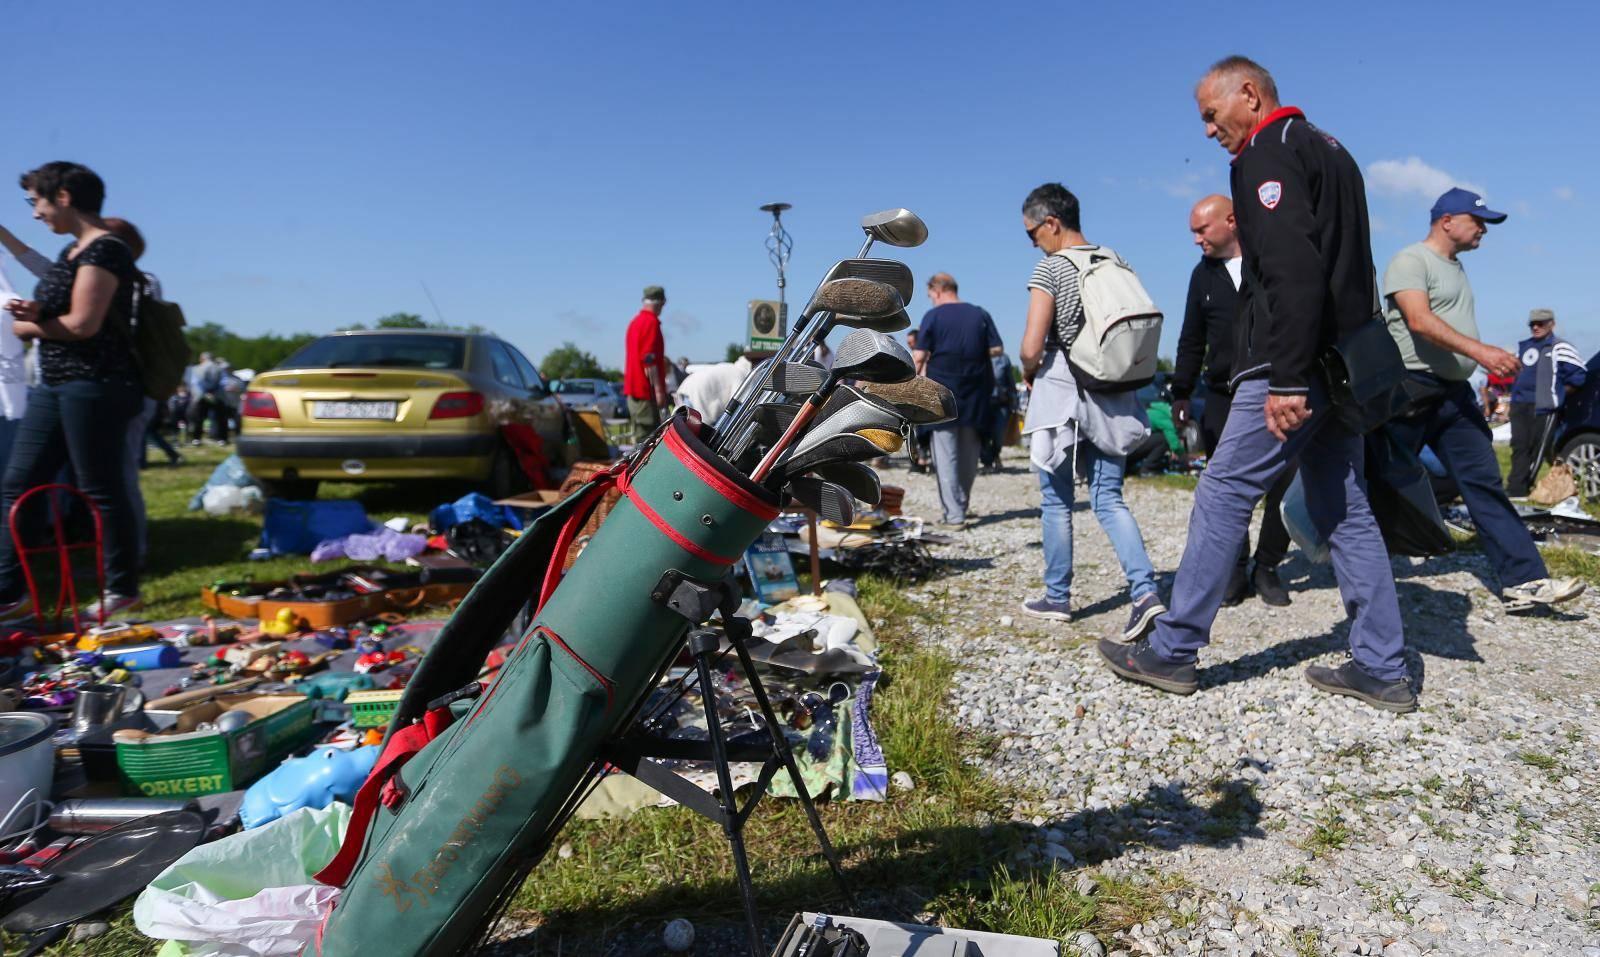 Nakon 6 mjeseci ponovno otvoren popularni zagrebacki buvljak Hrelić